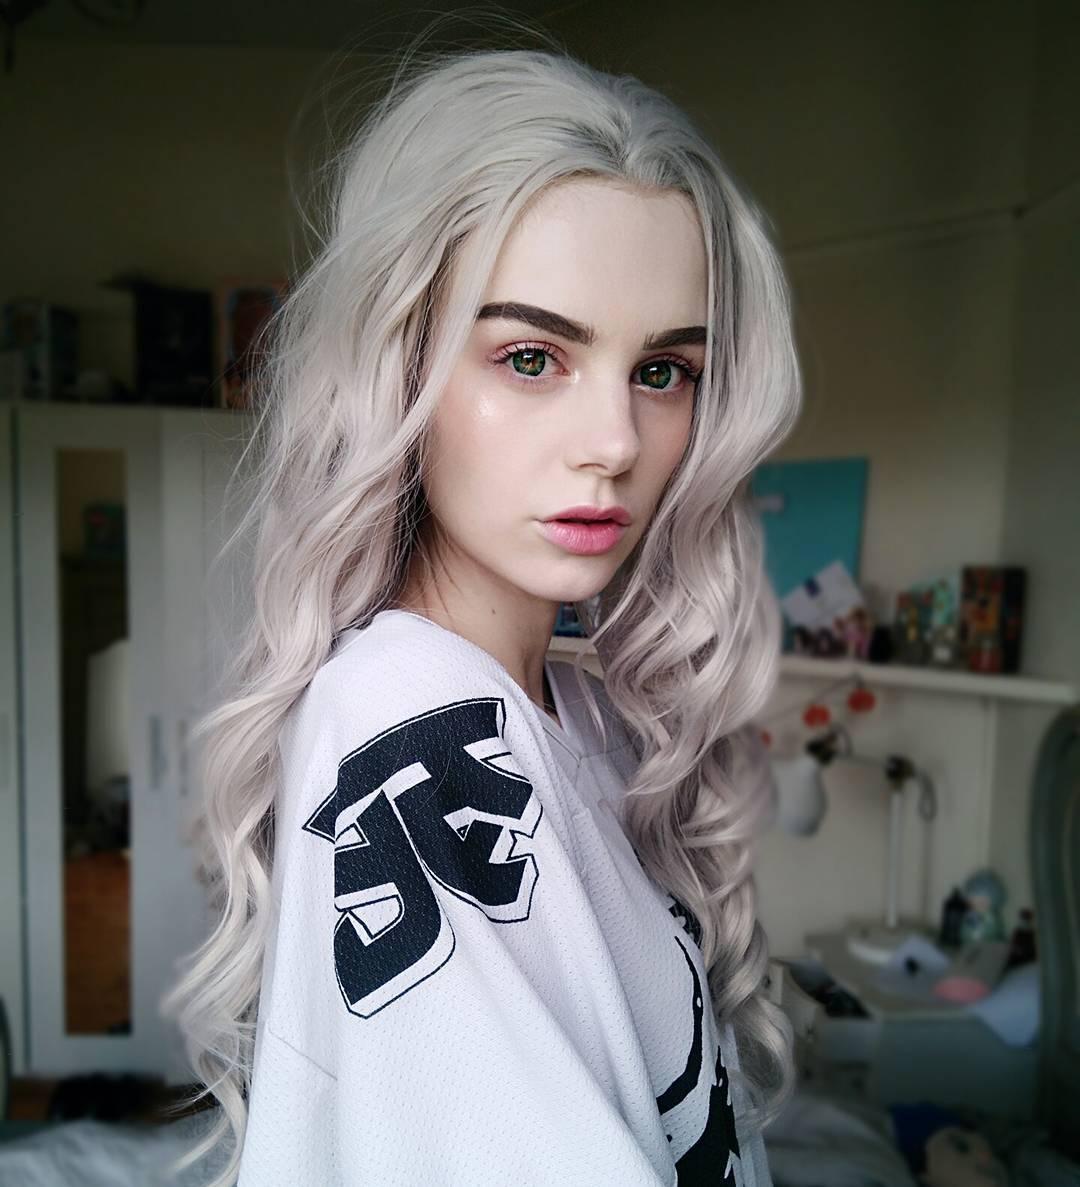 Необычные девушки Instagram (40 фото)